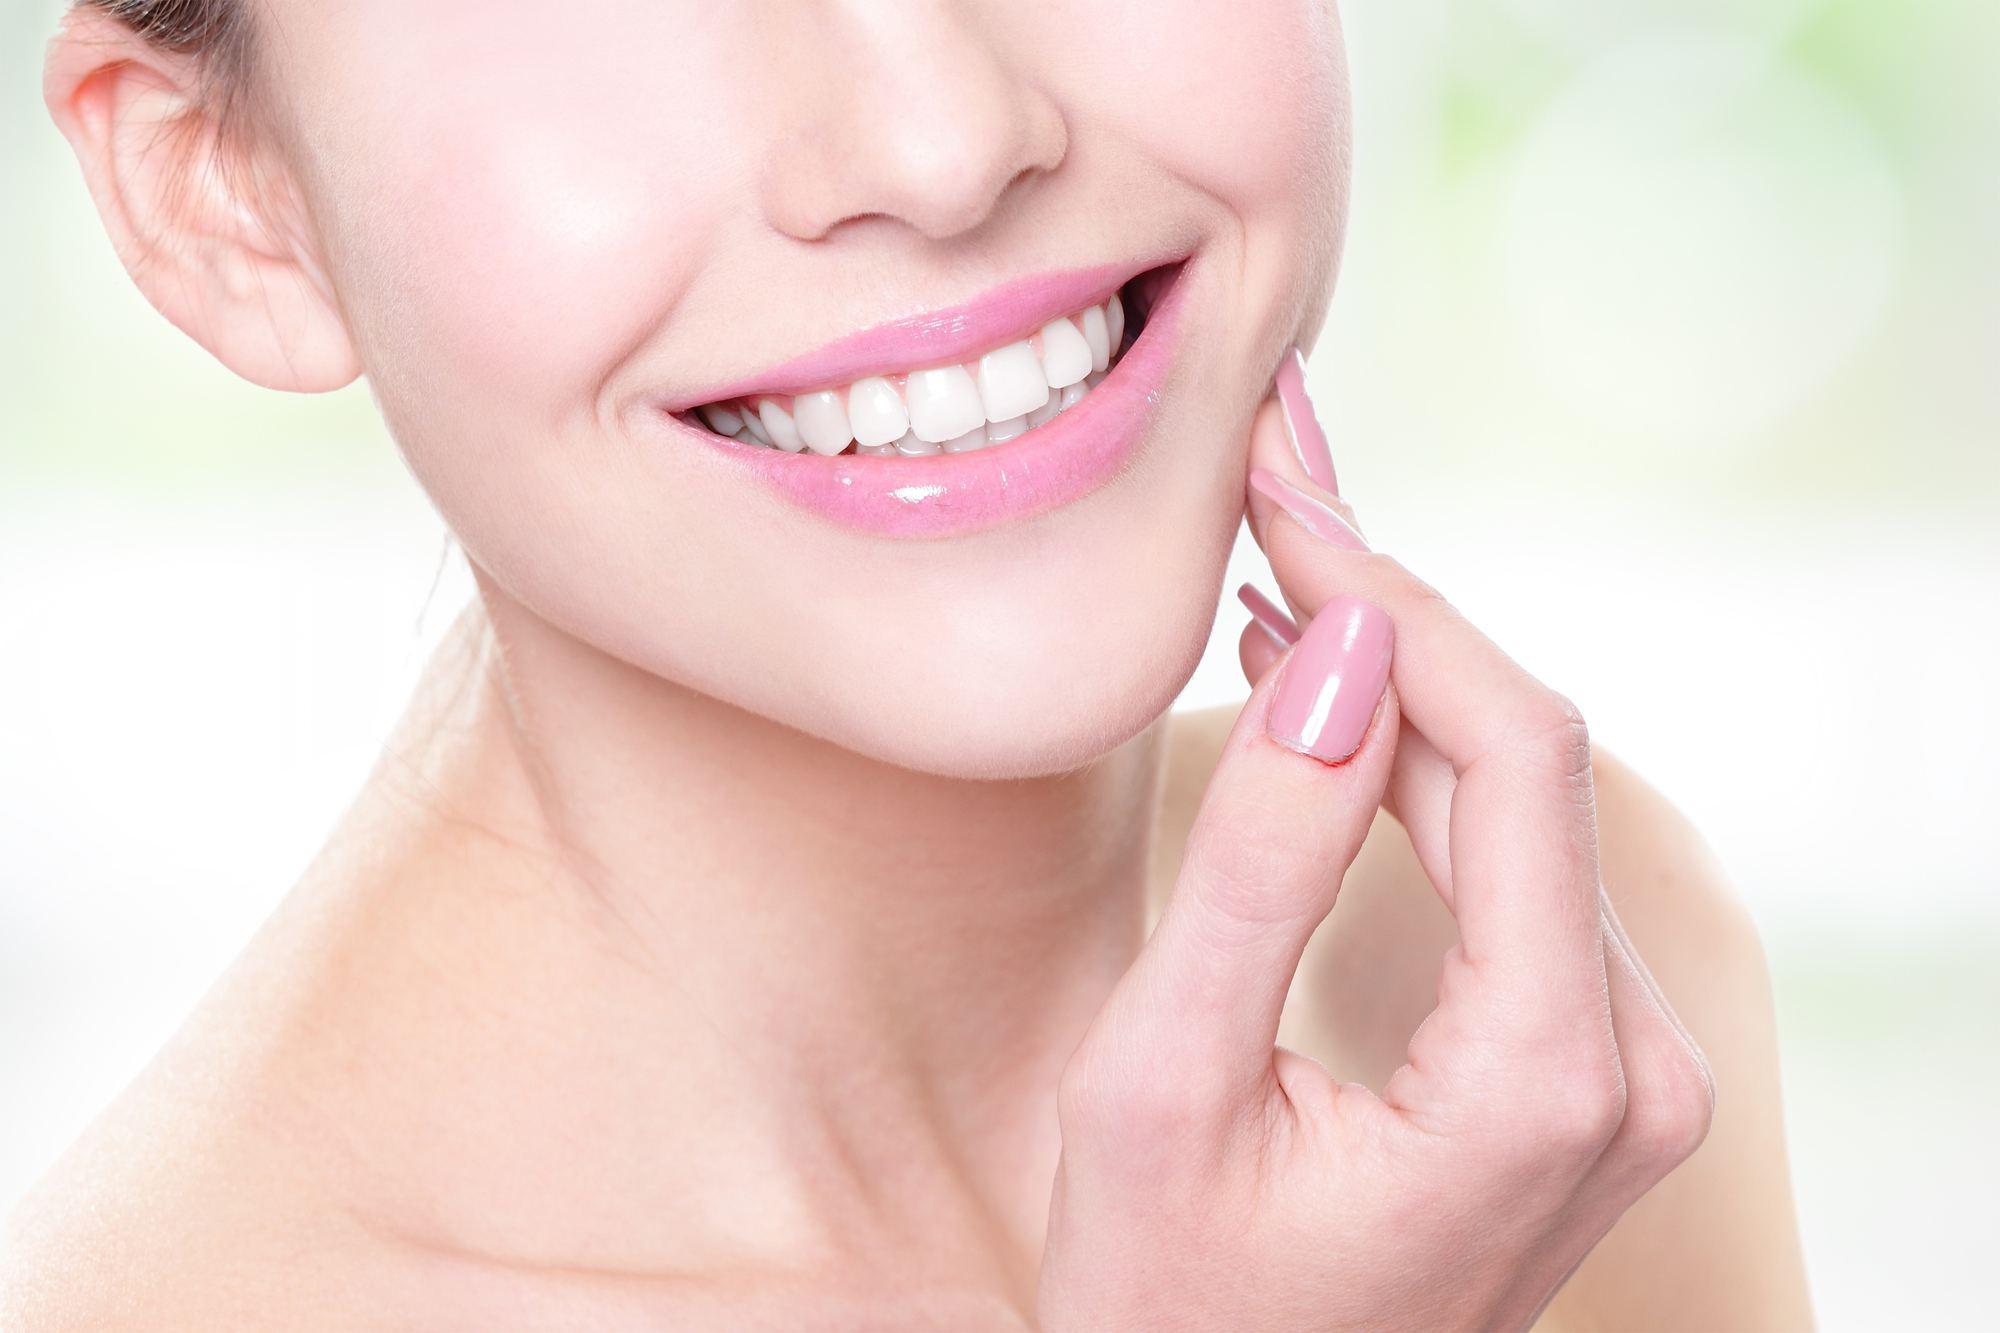 憧れの白い歯を手に入れる!海外で人気のホワイトニング事情